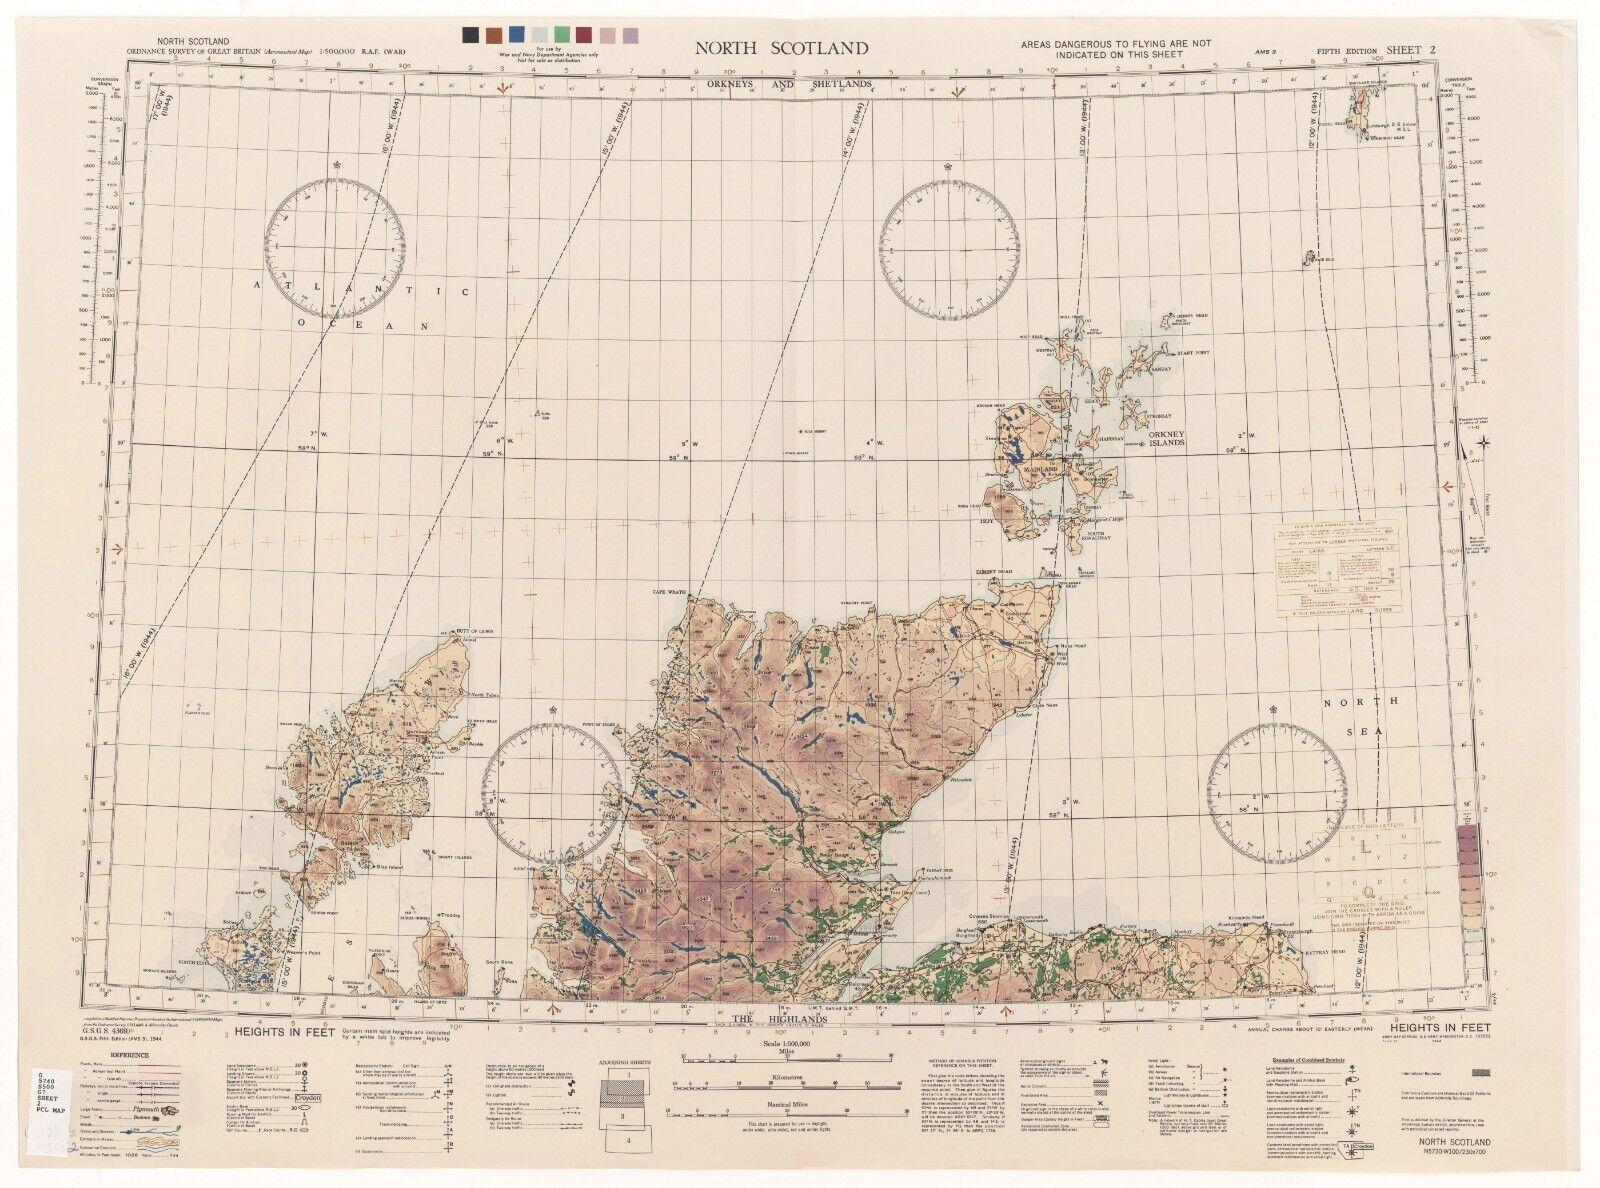 WW2 RAF MAP OF NORTH SCOTLAND PRINT